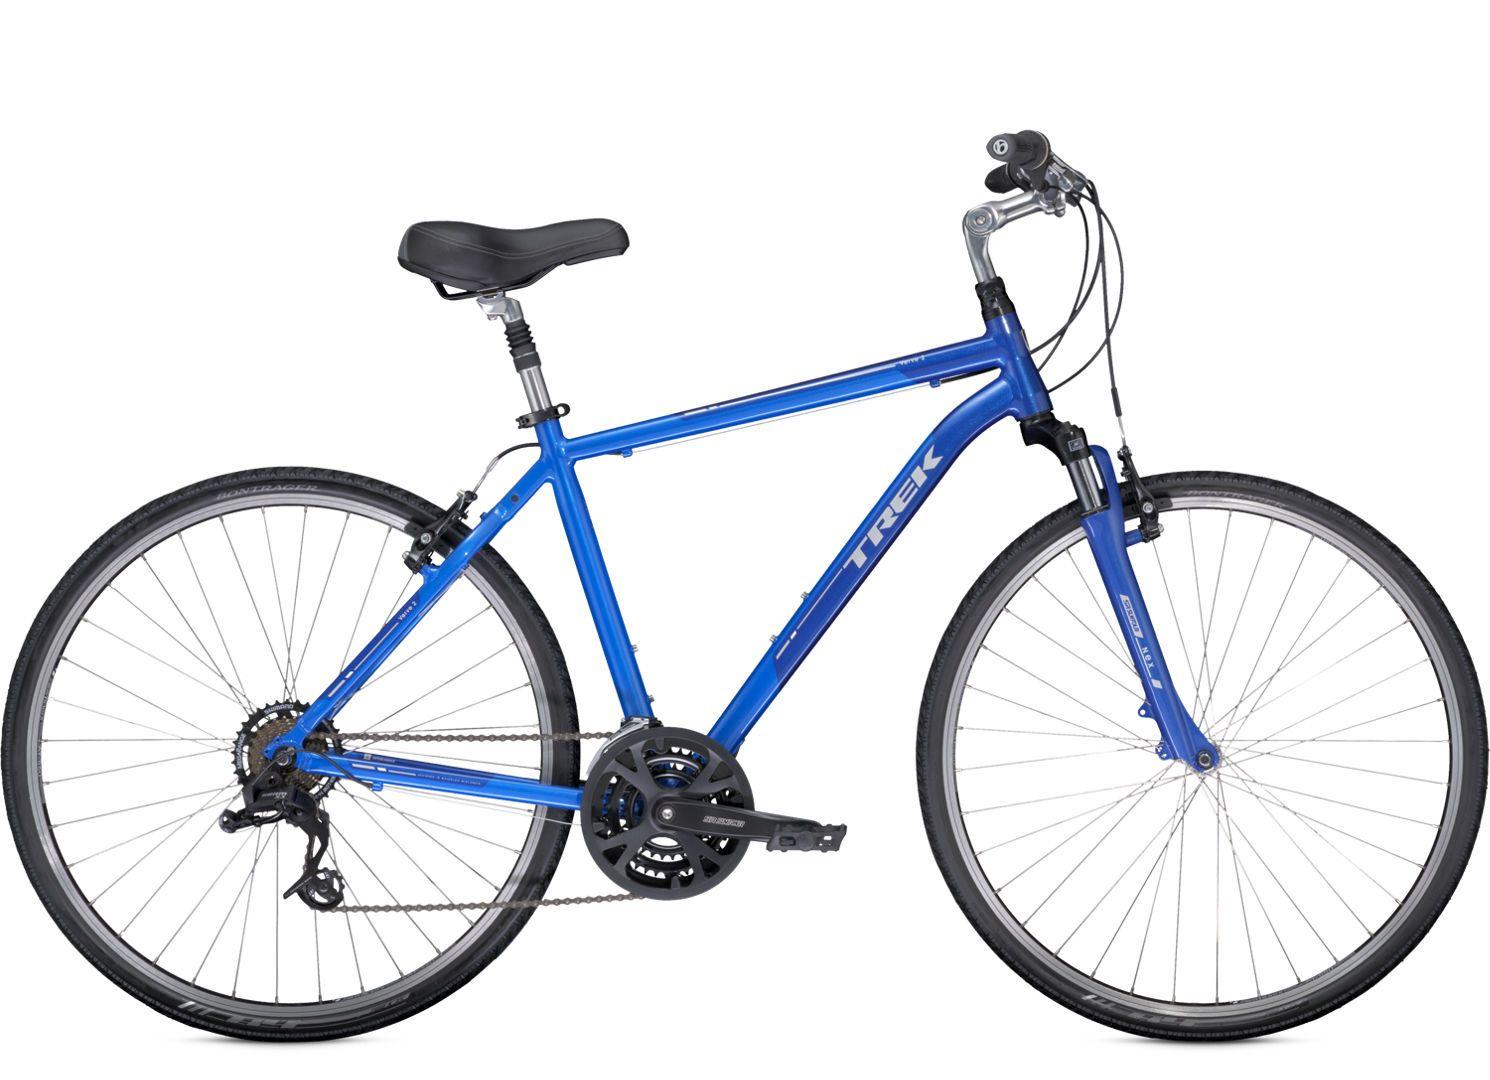 Trek Verve 2 Bicicletas Trek Bicicleta Ejercicio Equipo De Ciclismo